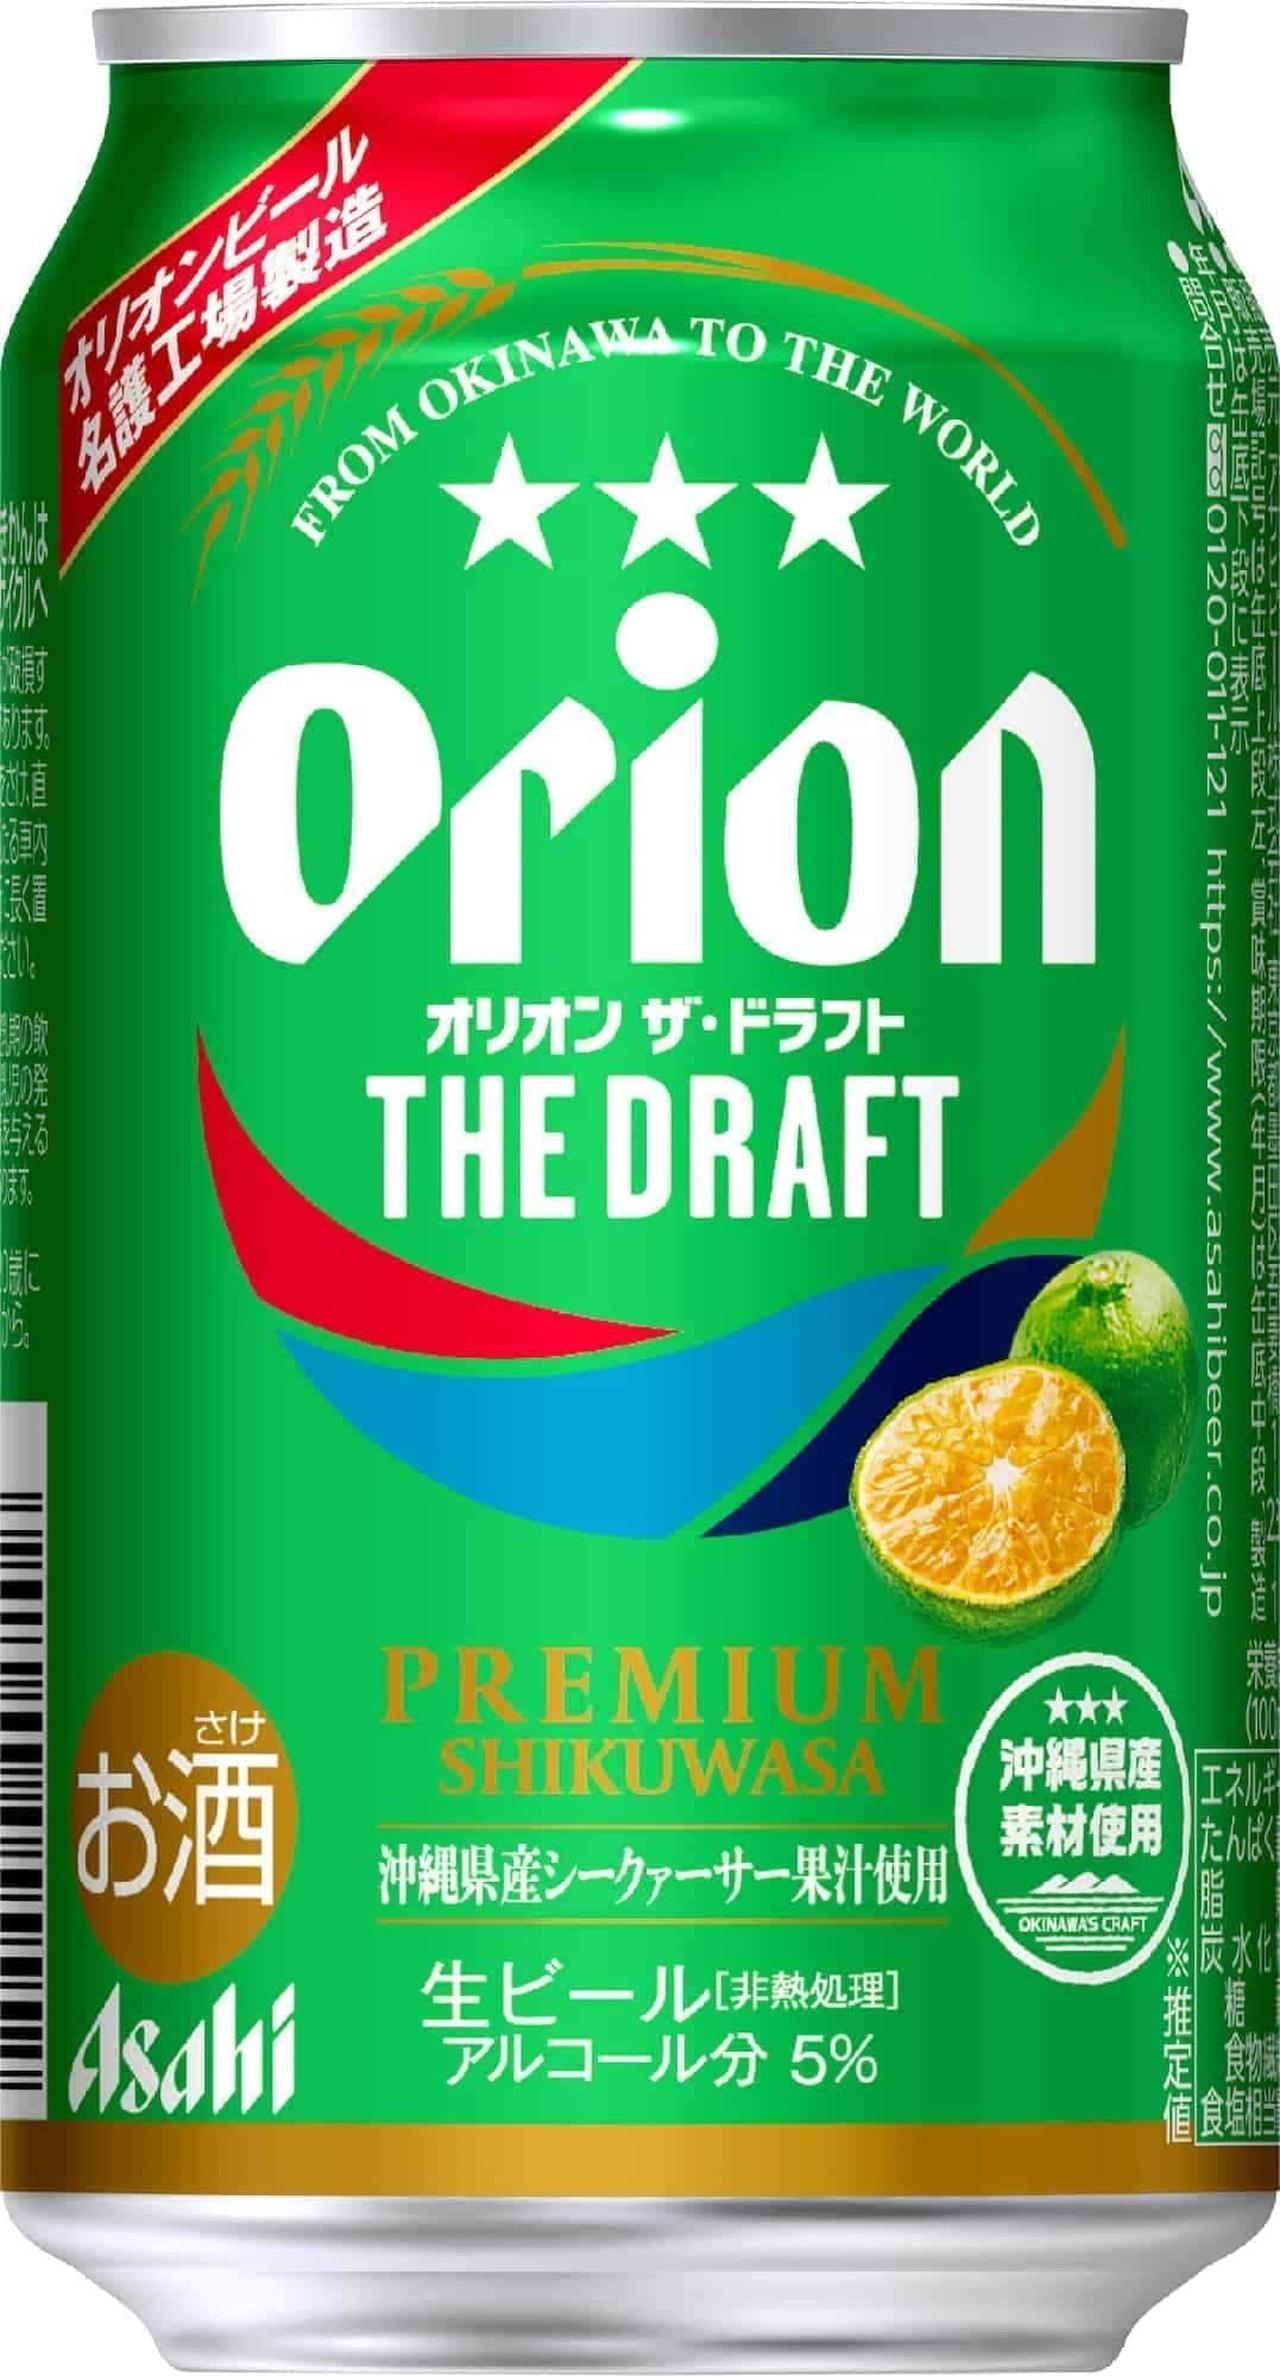 オリオンビール「アサヒオリオン ザ・ドラフト プレミアムシークァーサー」